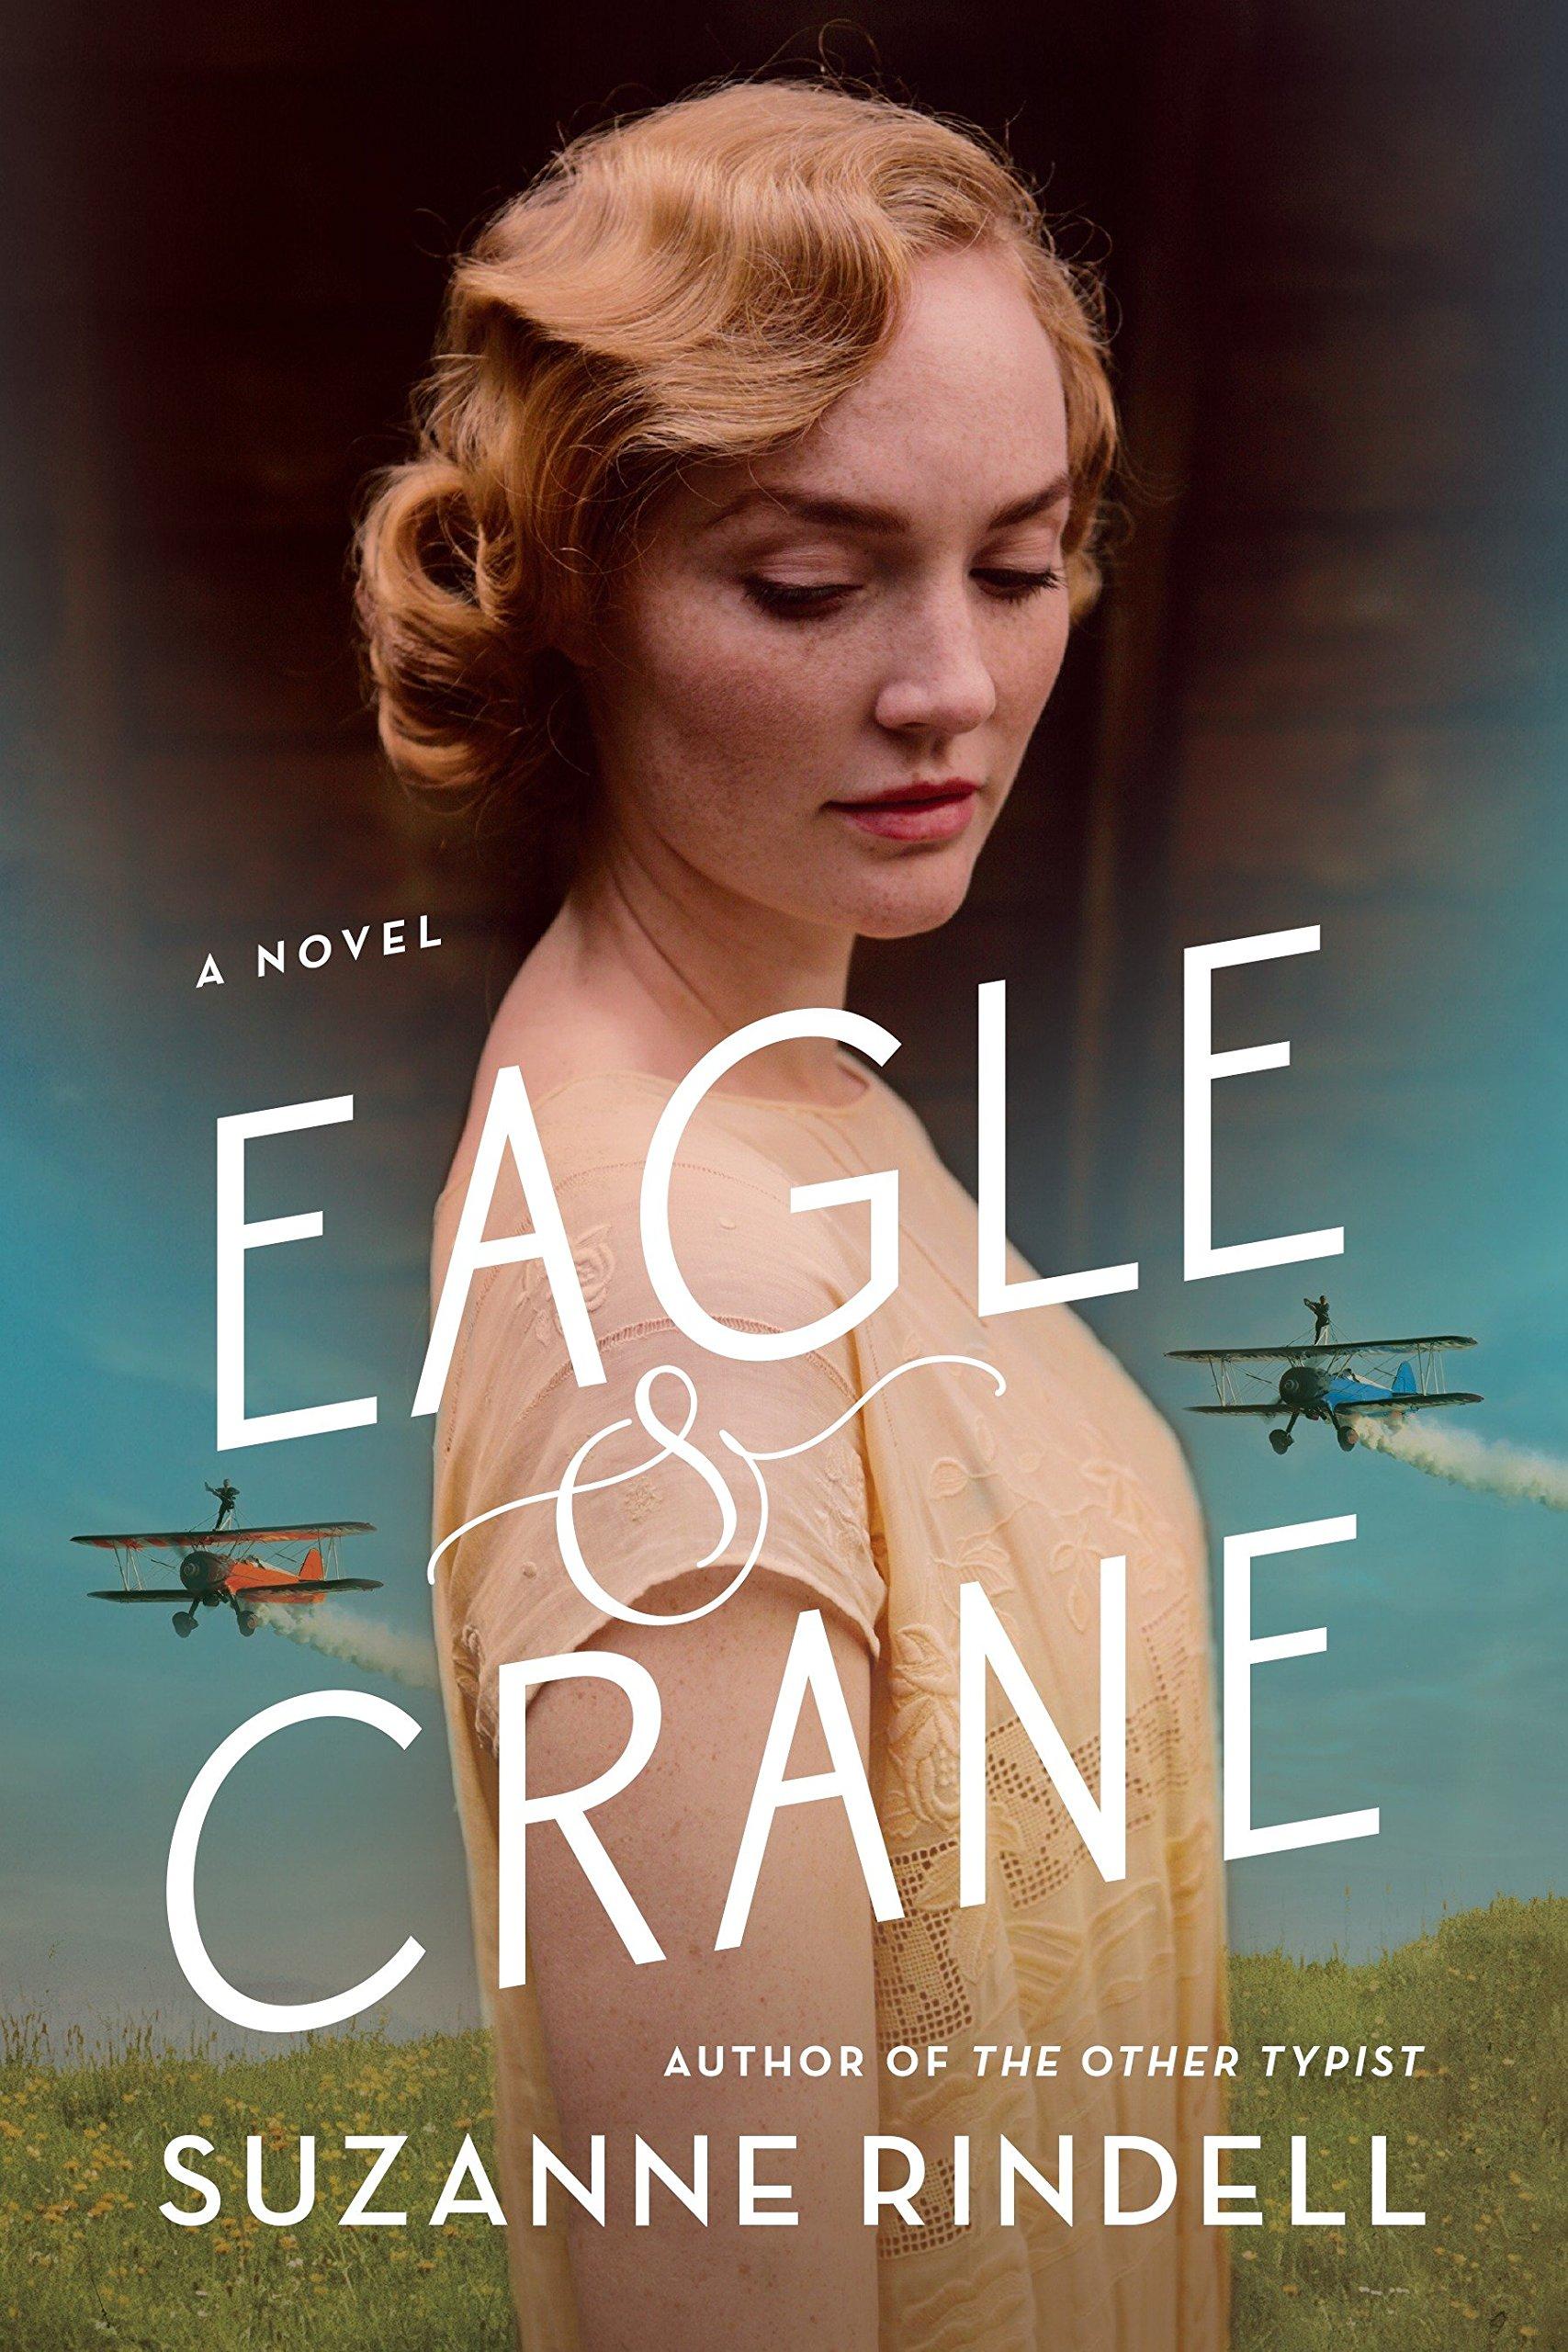 Image result for eagle & crane